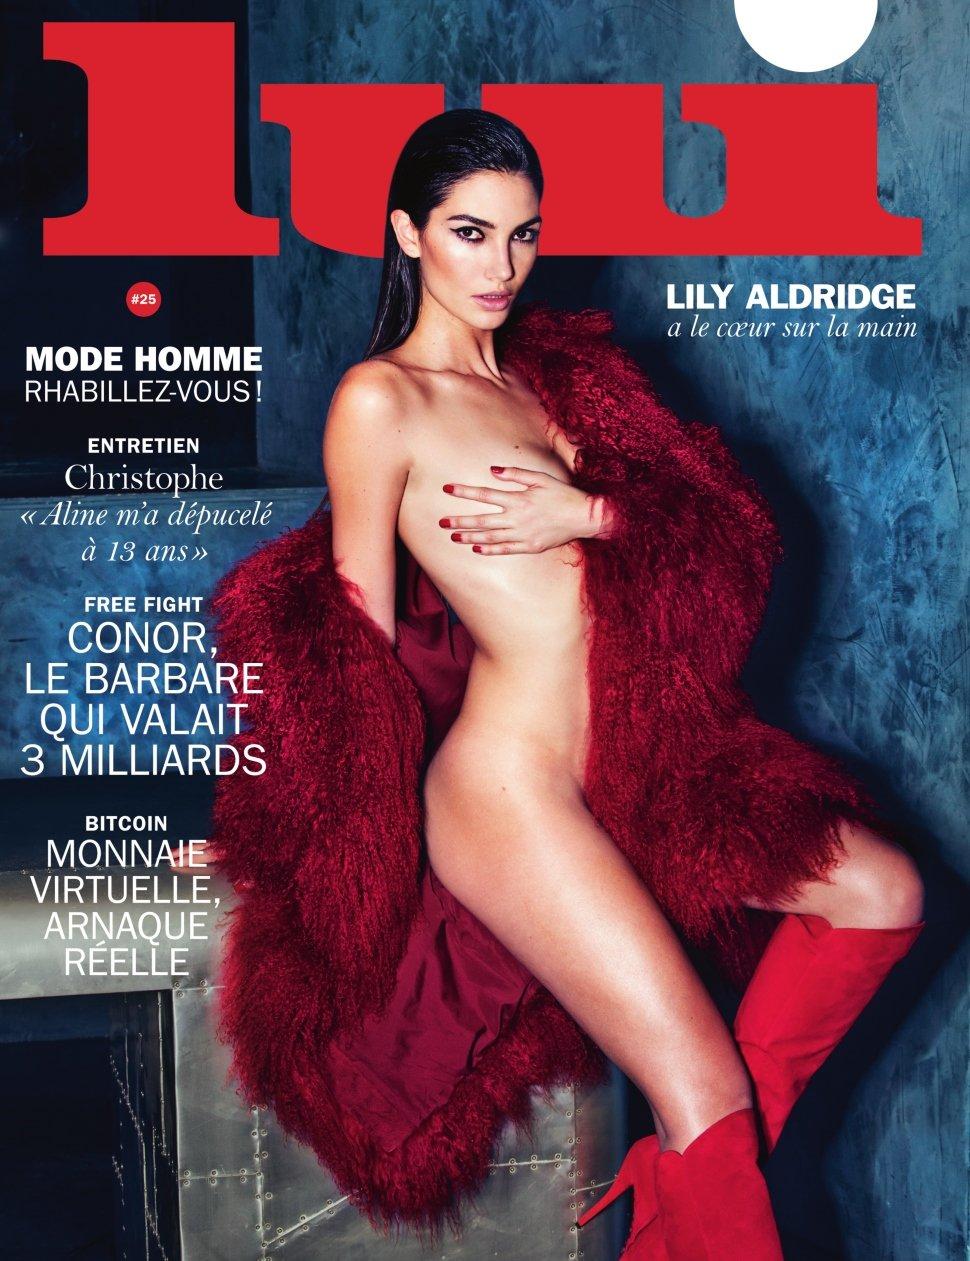 Lily-Aldridge-Nude